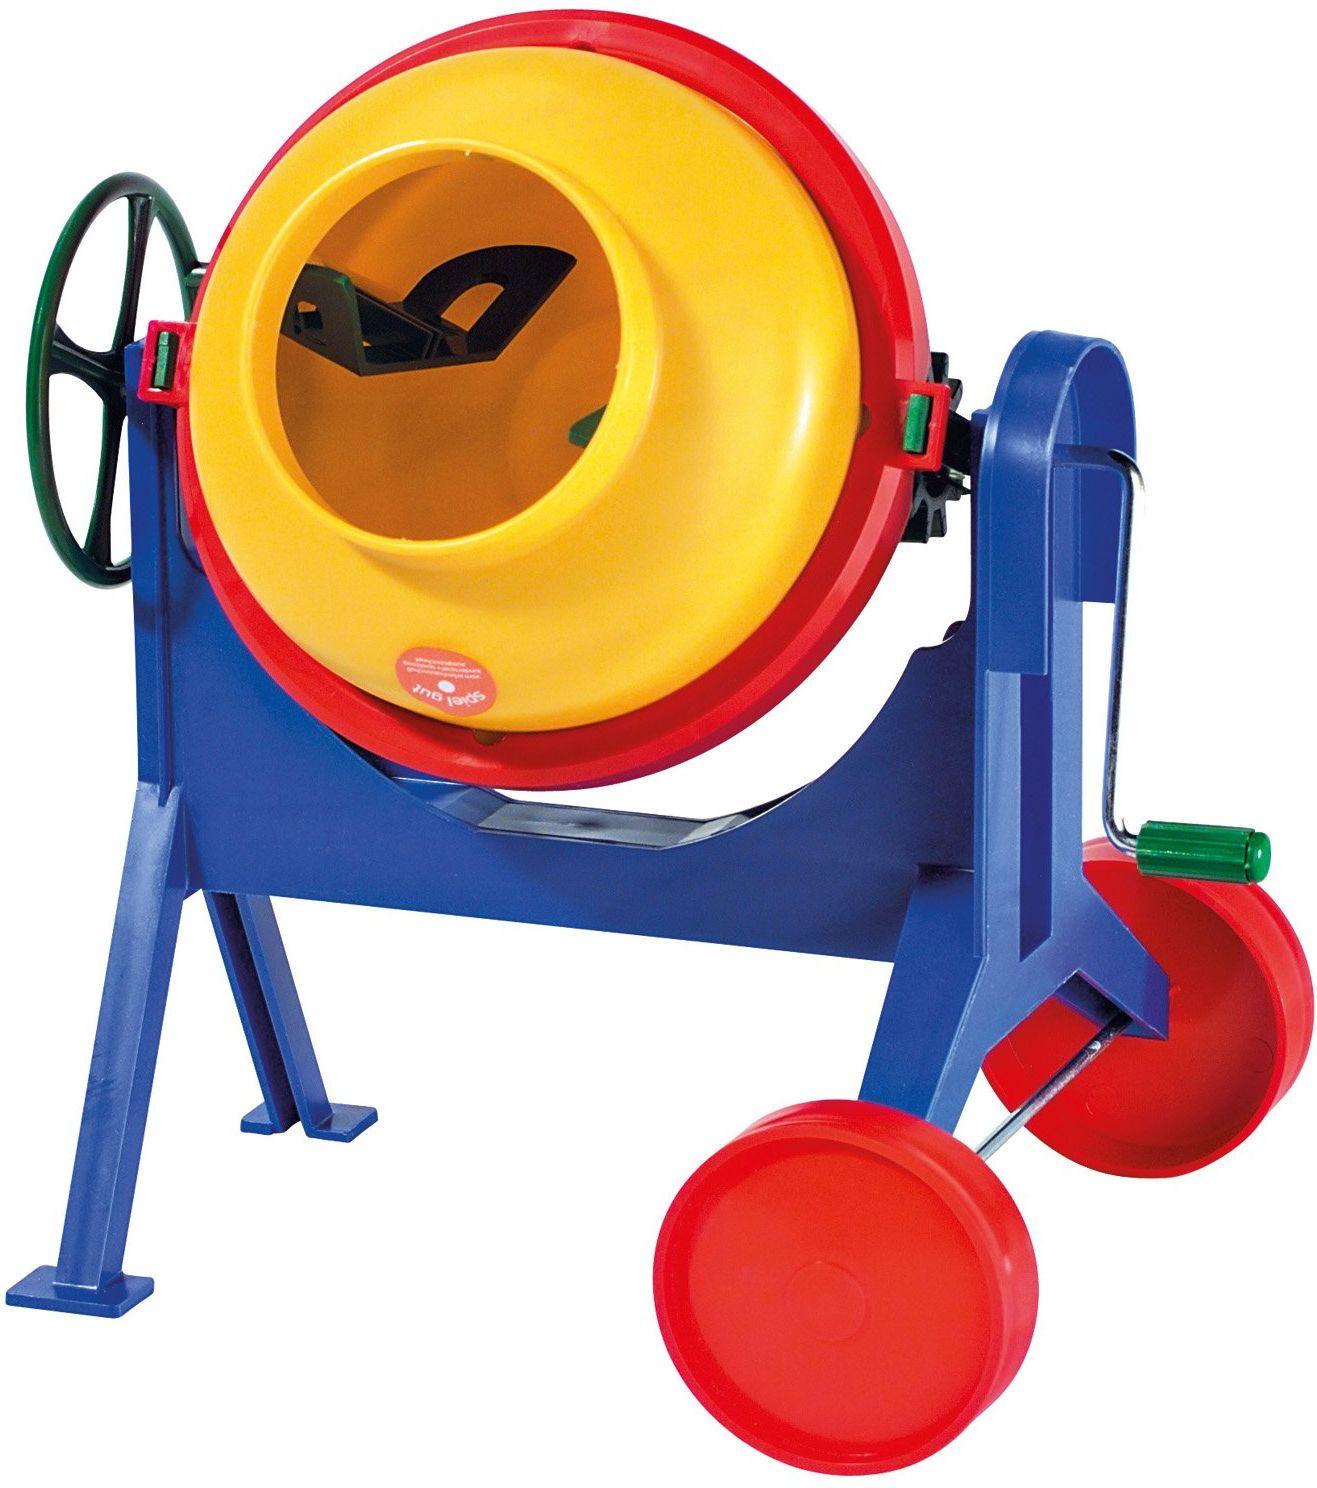 Lena 05003 beton ok. 28 cm, maszyna do mieszania z realistyczną funkcją, obracając kołem i korbą, mikser dla dzieci od 3 lat, zabawka piaskowa na plażę i piaskownicę, wielokolorowa